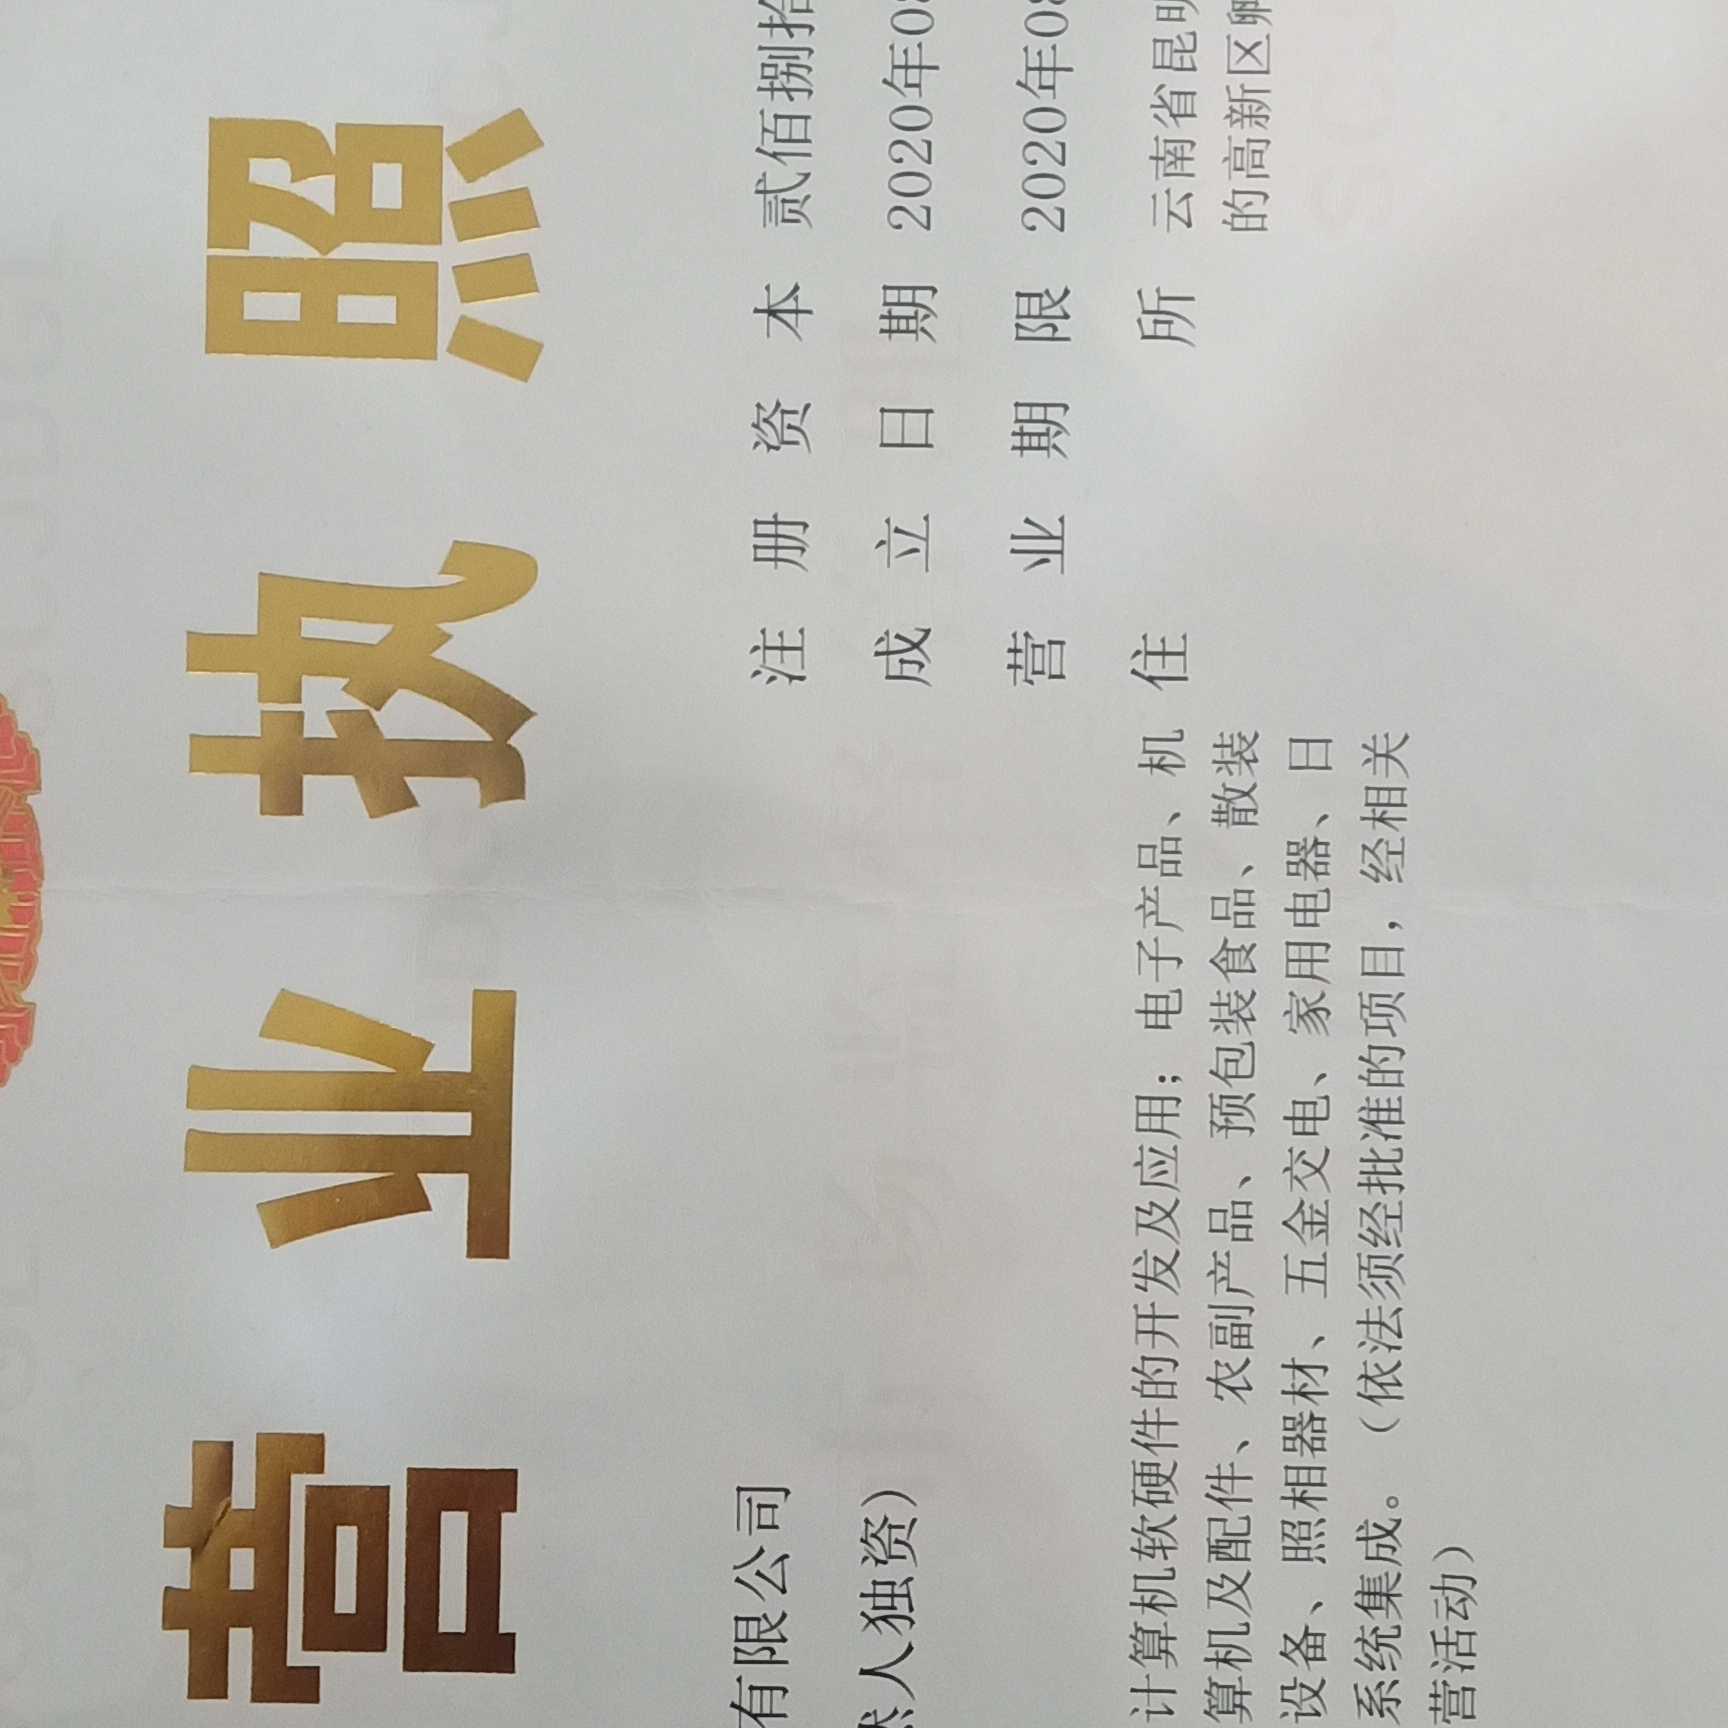 云南徜懋电子科技有限公司